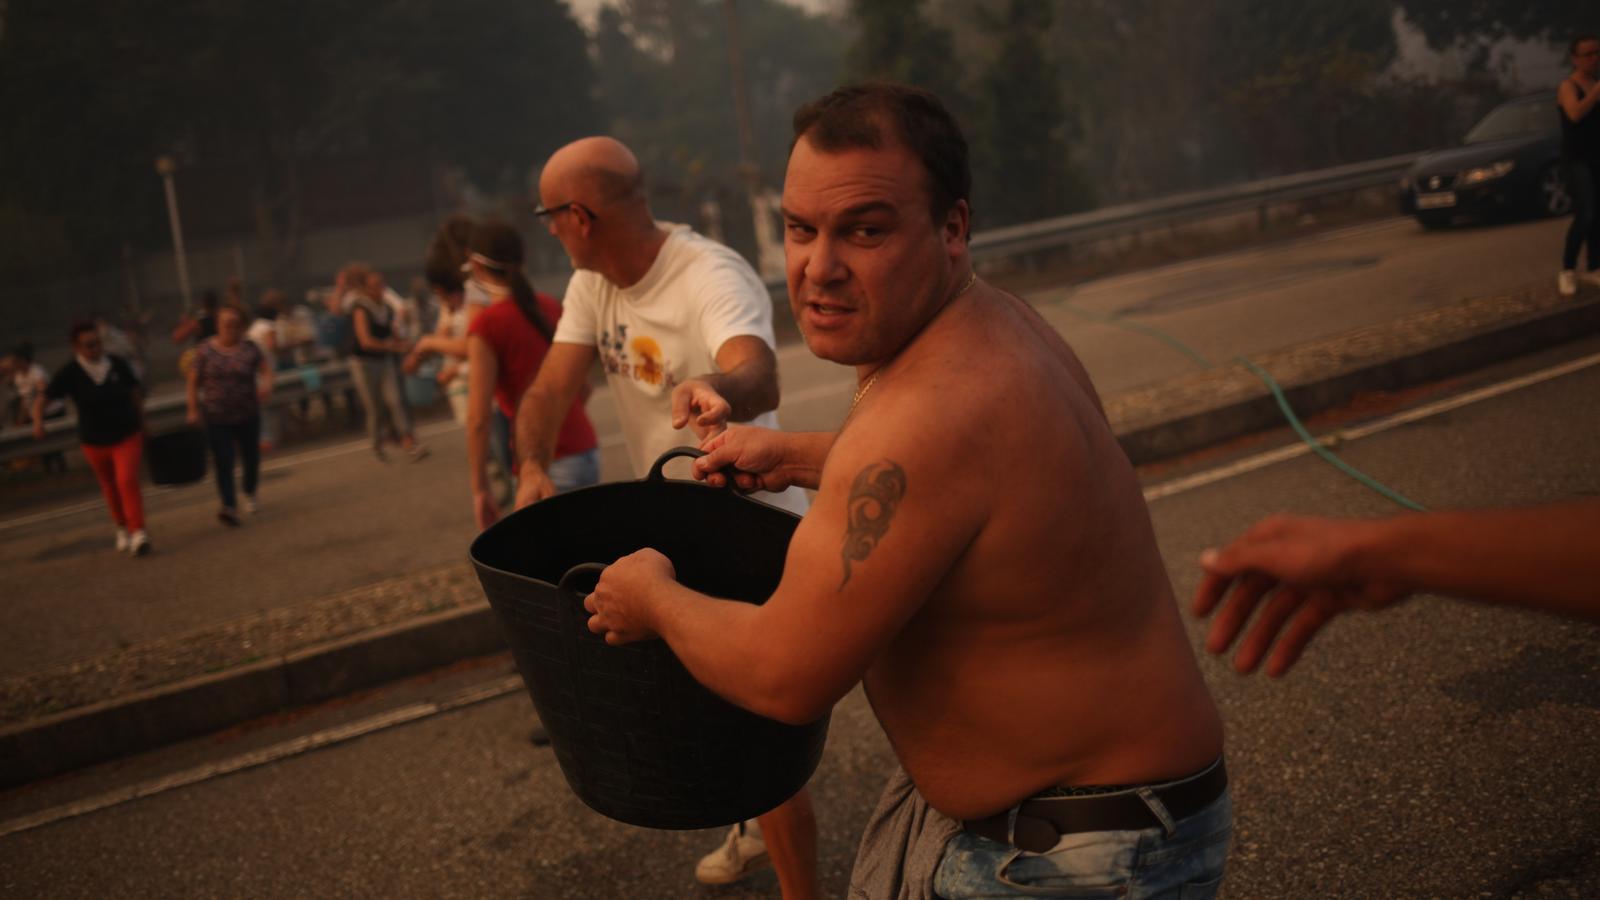 Fotos: Wie Spanien geschlossen gegen die tödlichen Waldbrände kämpft